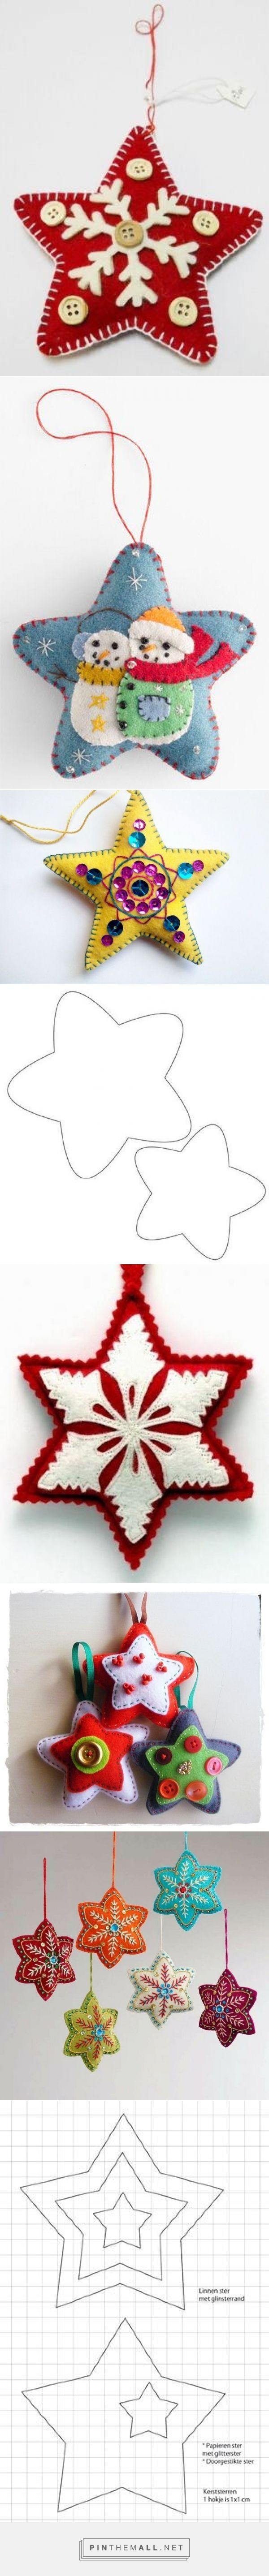 patrones navideños de estrellas en fieltro - created on 2015-11-18 22:56:52